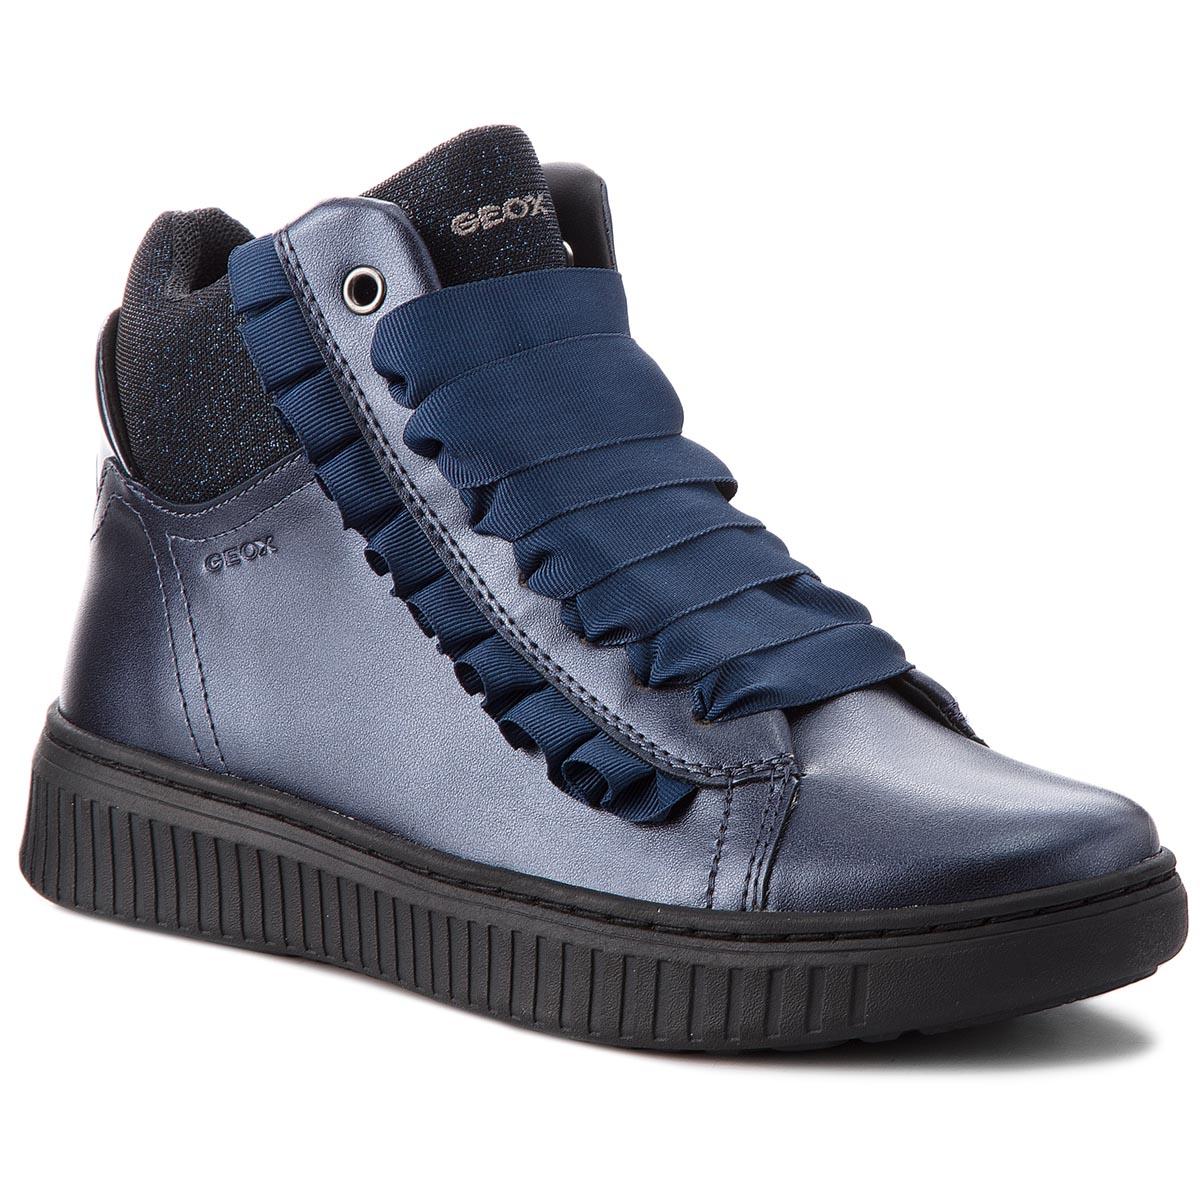 Shoes Navy Low Hideaki Geox J GI Velcro C4002 011au J721xi D vnmN80wO